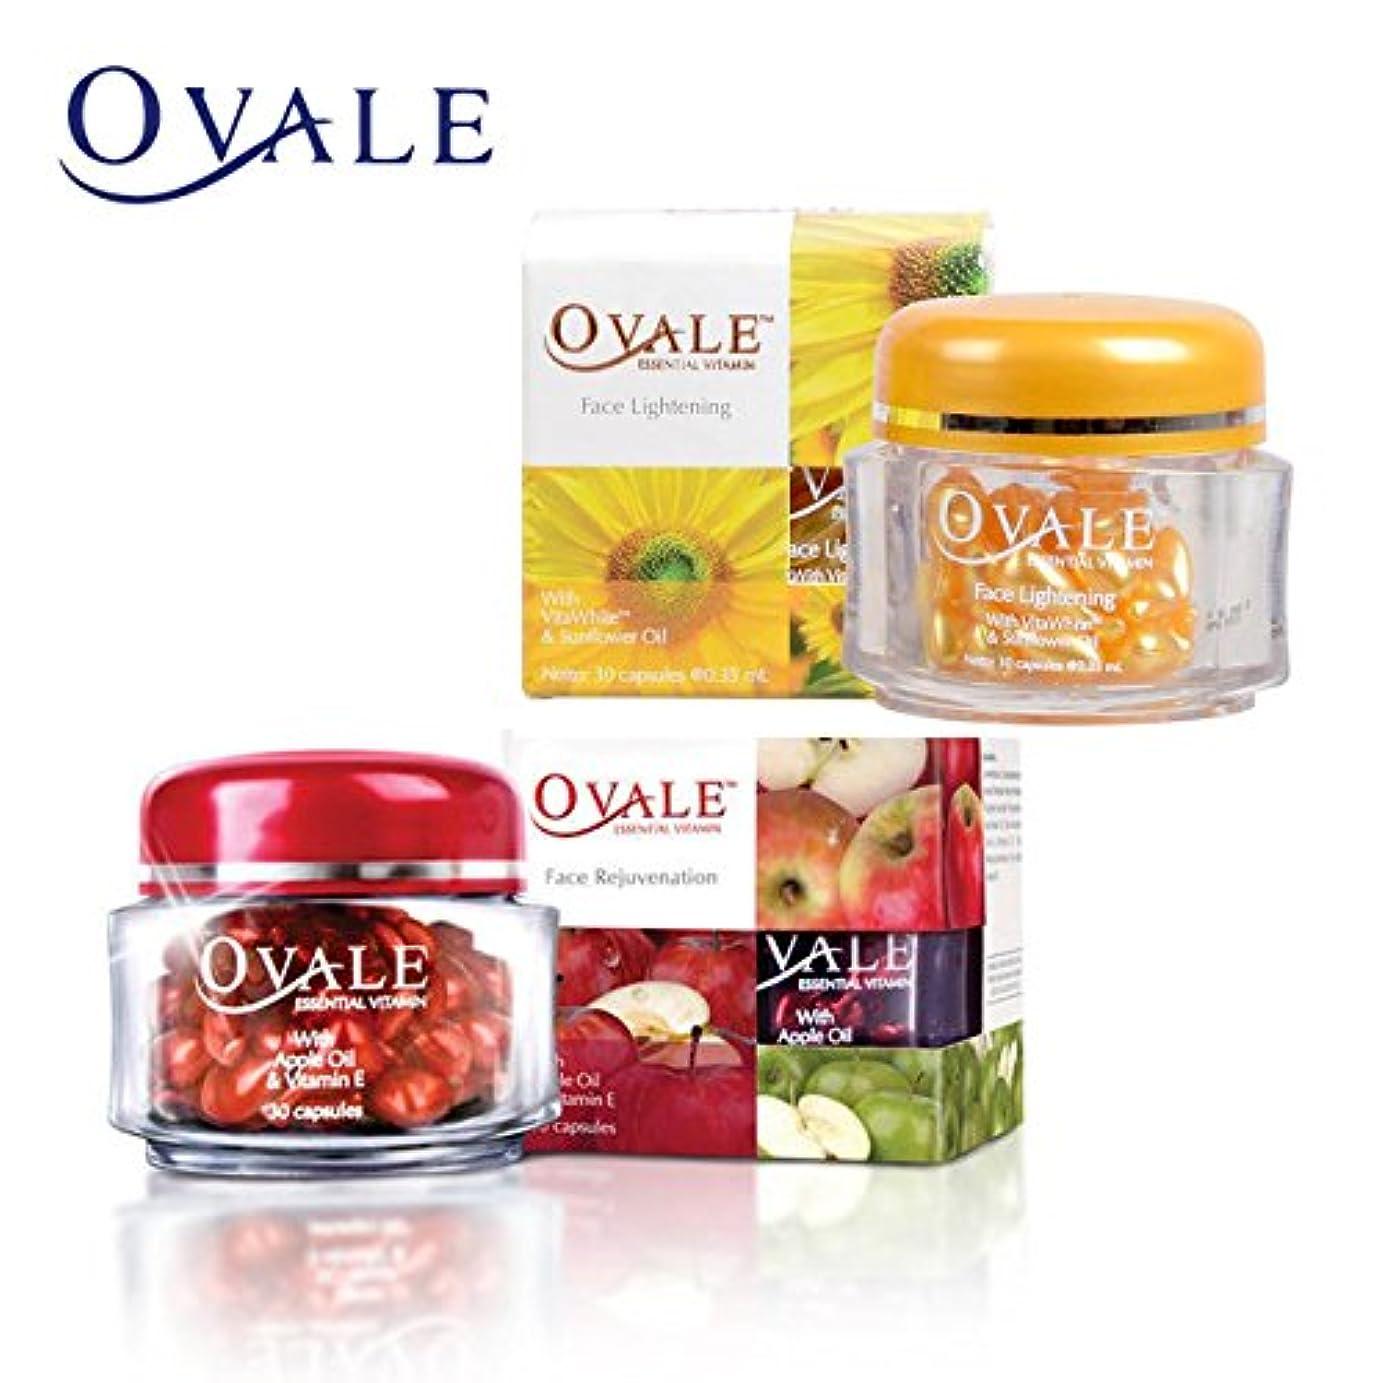 ダブル付添人側面Ovale オーバル フェイシャル美容液 essential vitamin エッセンシャルビタミン 30粒入ボトル×5個 アップル [海外直送品]